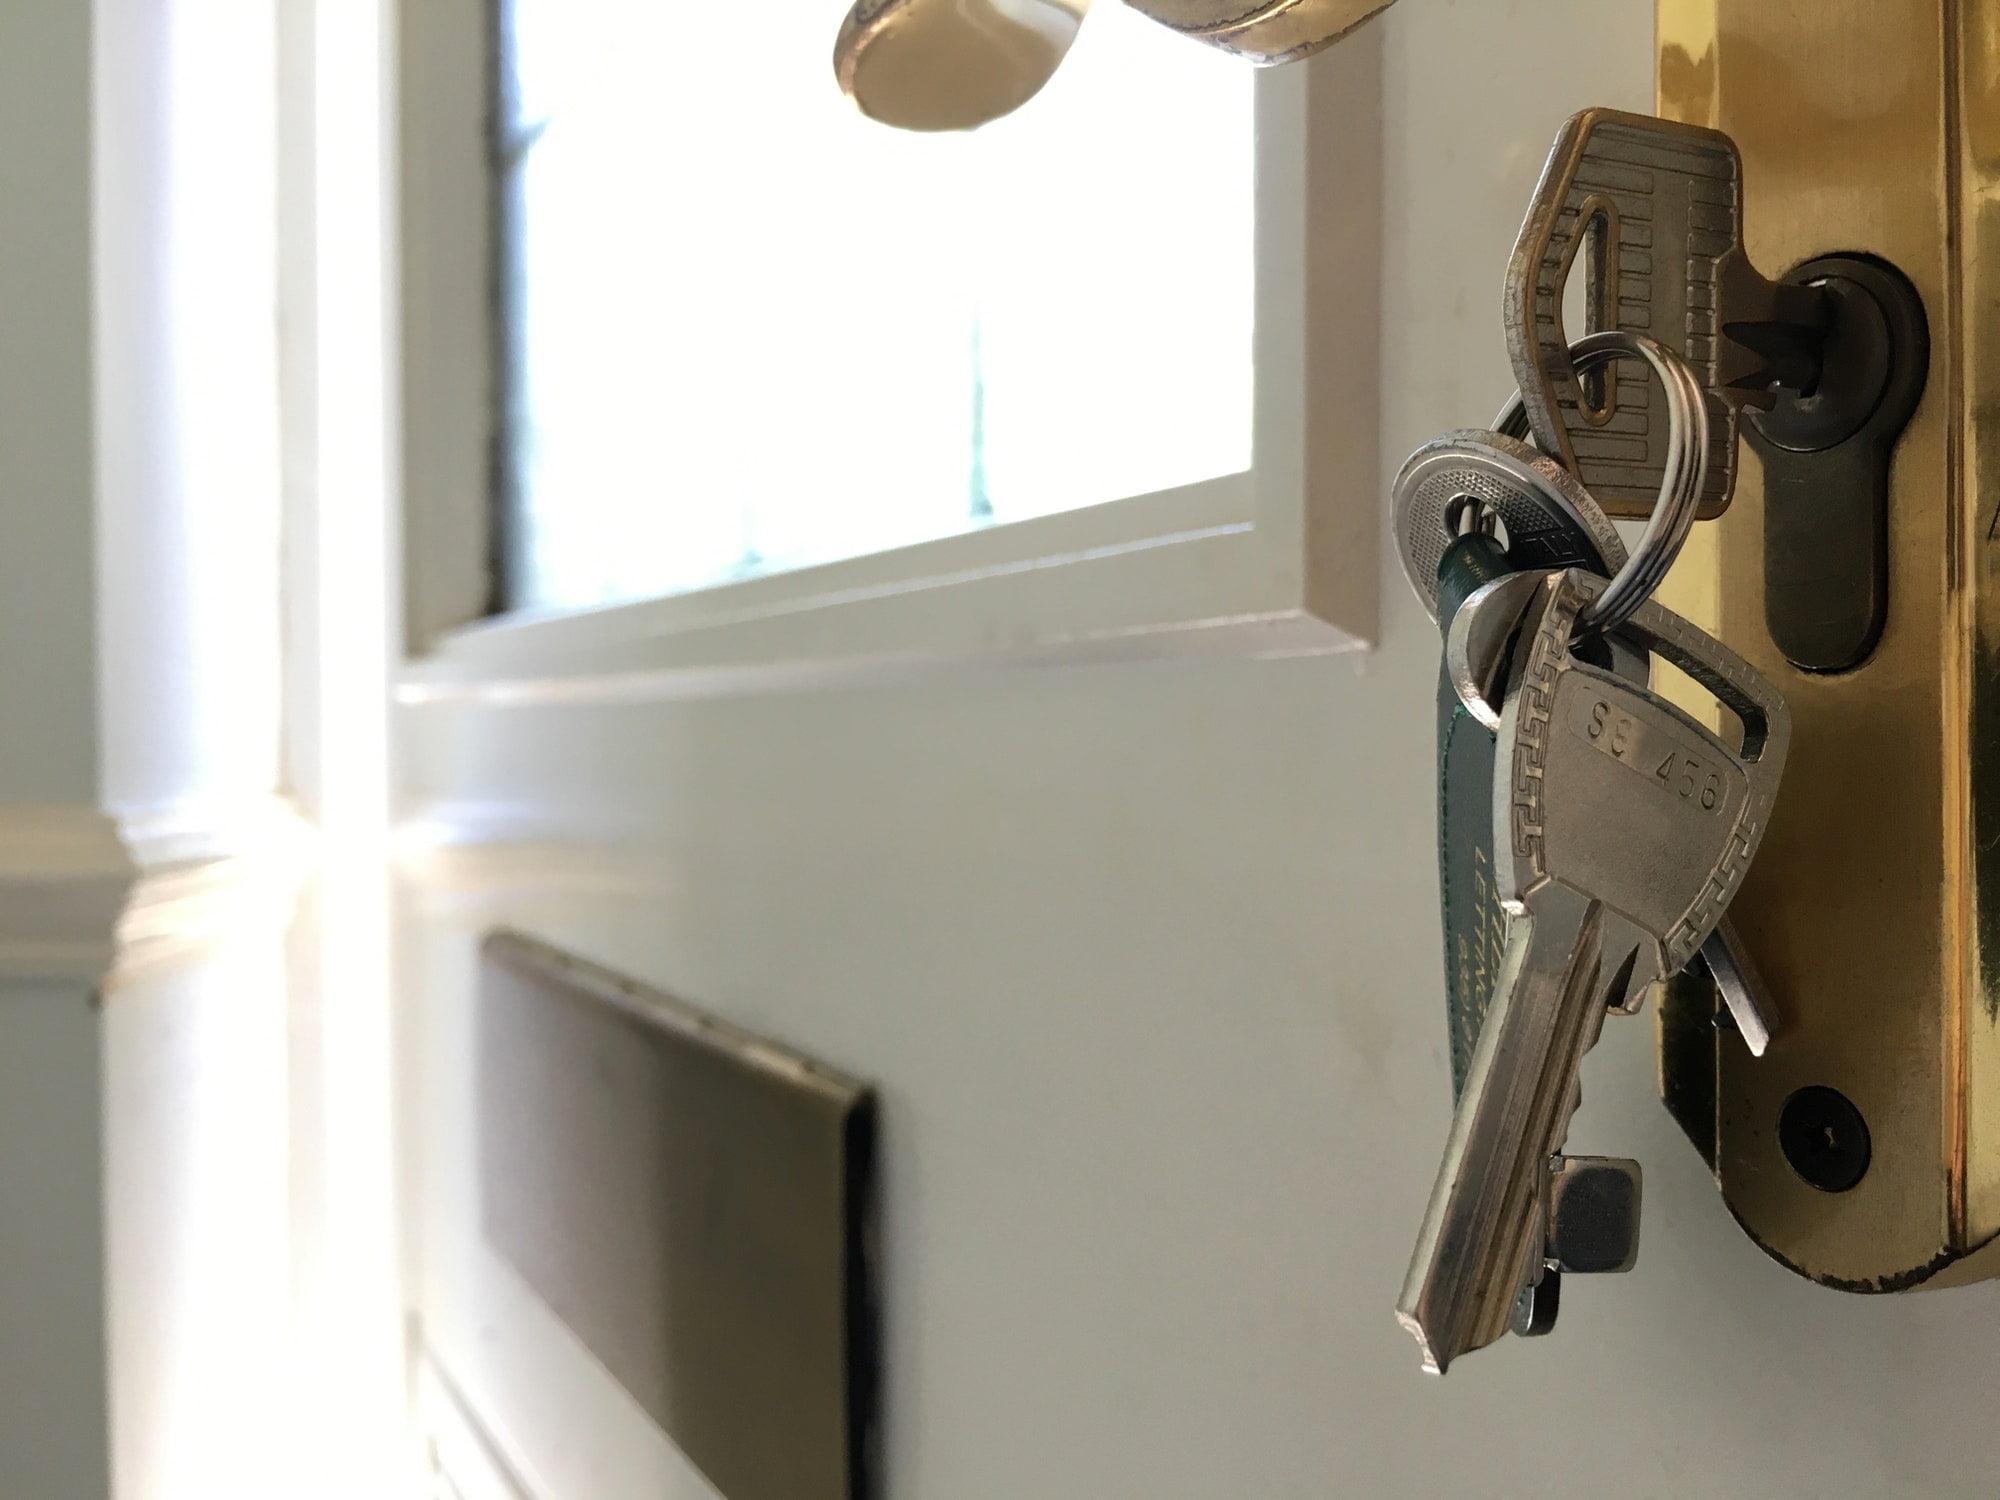 Broken keys in the lock on inside of front door